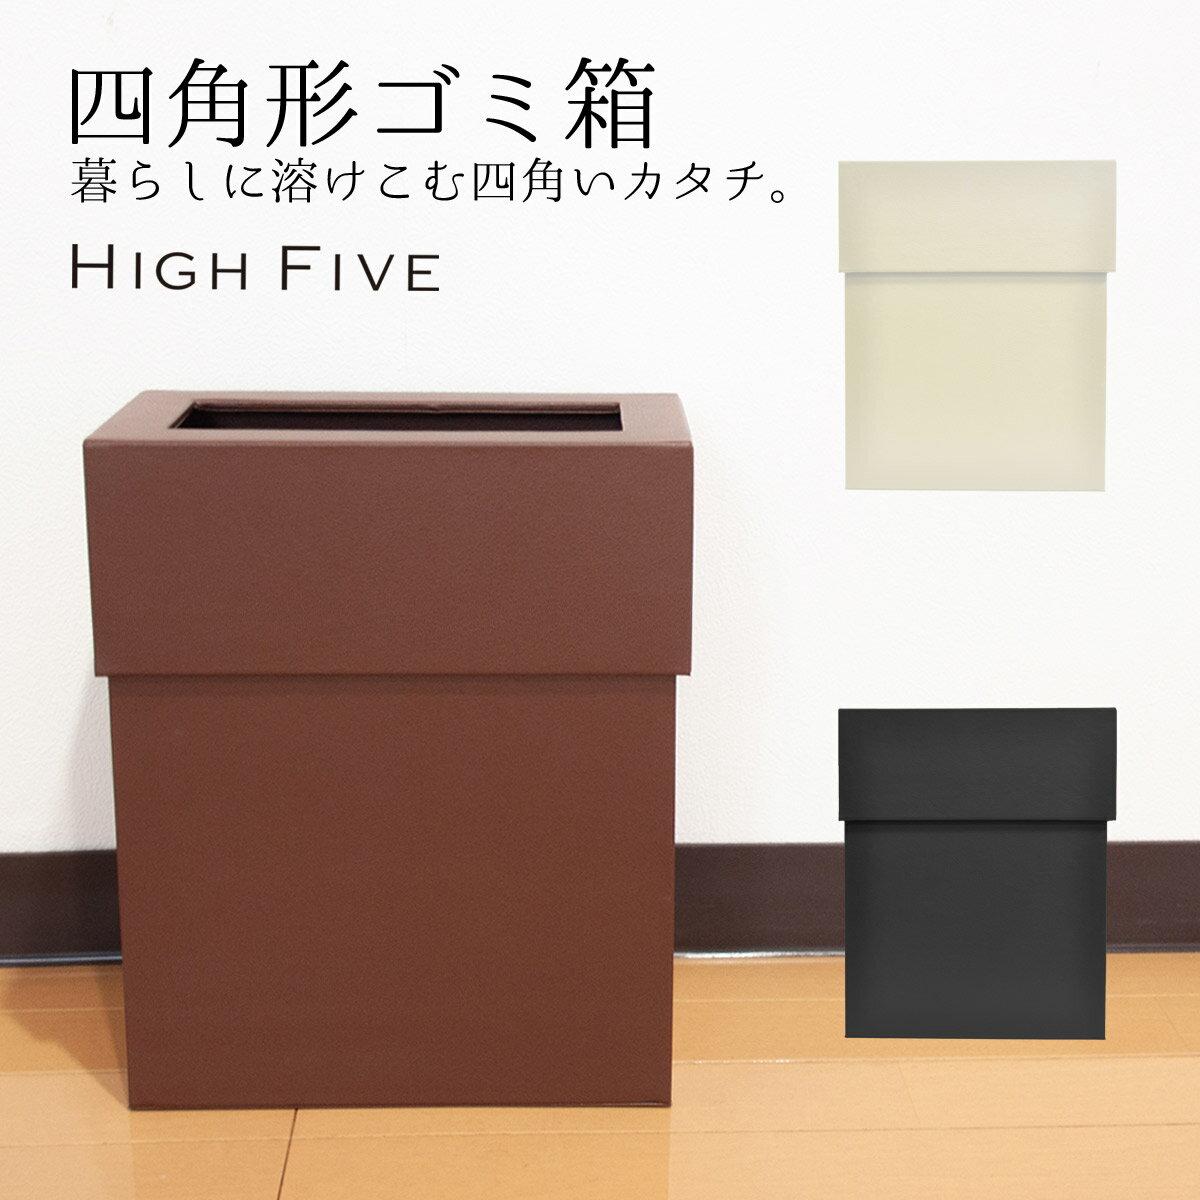 ゴミ箱スリム縦型小さい小型長方形レザータッチゴミ箱ふた付きキッチンインテリアごみ箱おしゃれ持ち運び収納屋外使用可能すき間にもフェイクレザーPUレザーメンズレディースHIGHFIVEブランドプレゼントギフト送料無料